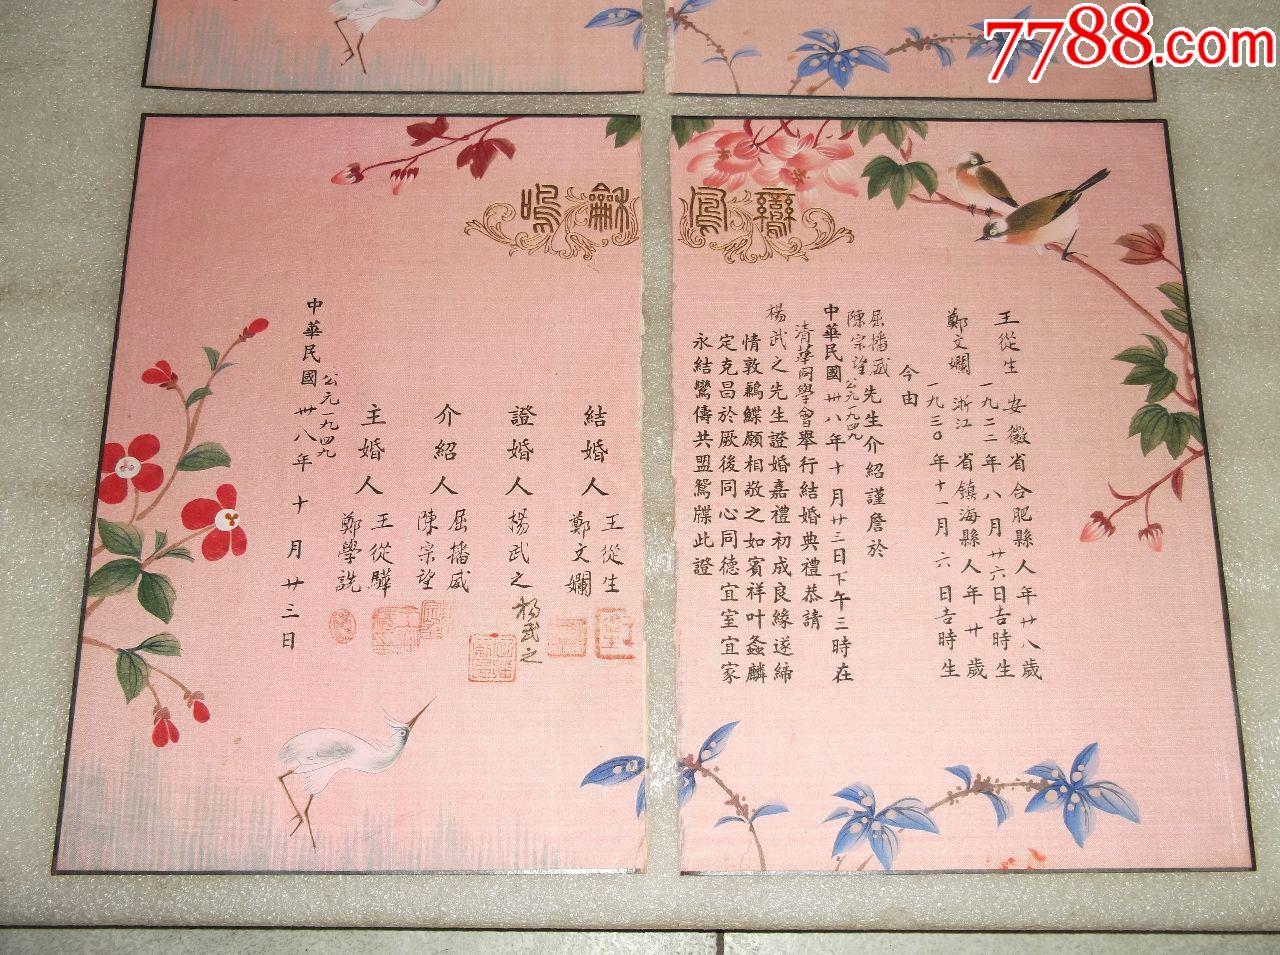 手绘花鸟结婚证及夫妻结婚照(相片背面有夫妻签名),孩子照,请柬一张